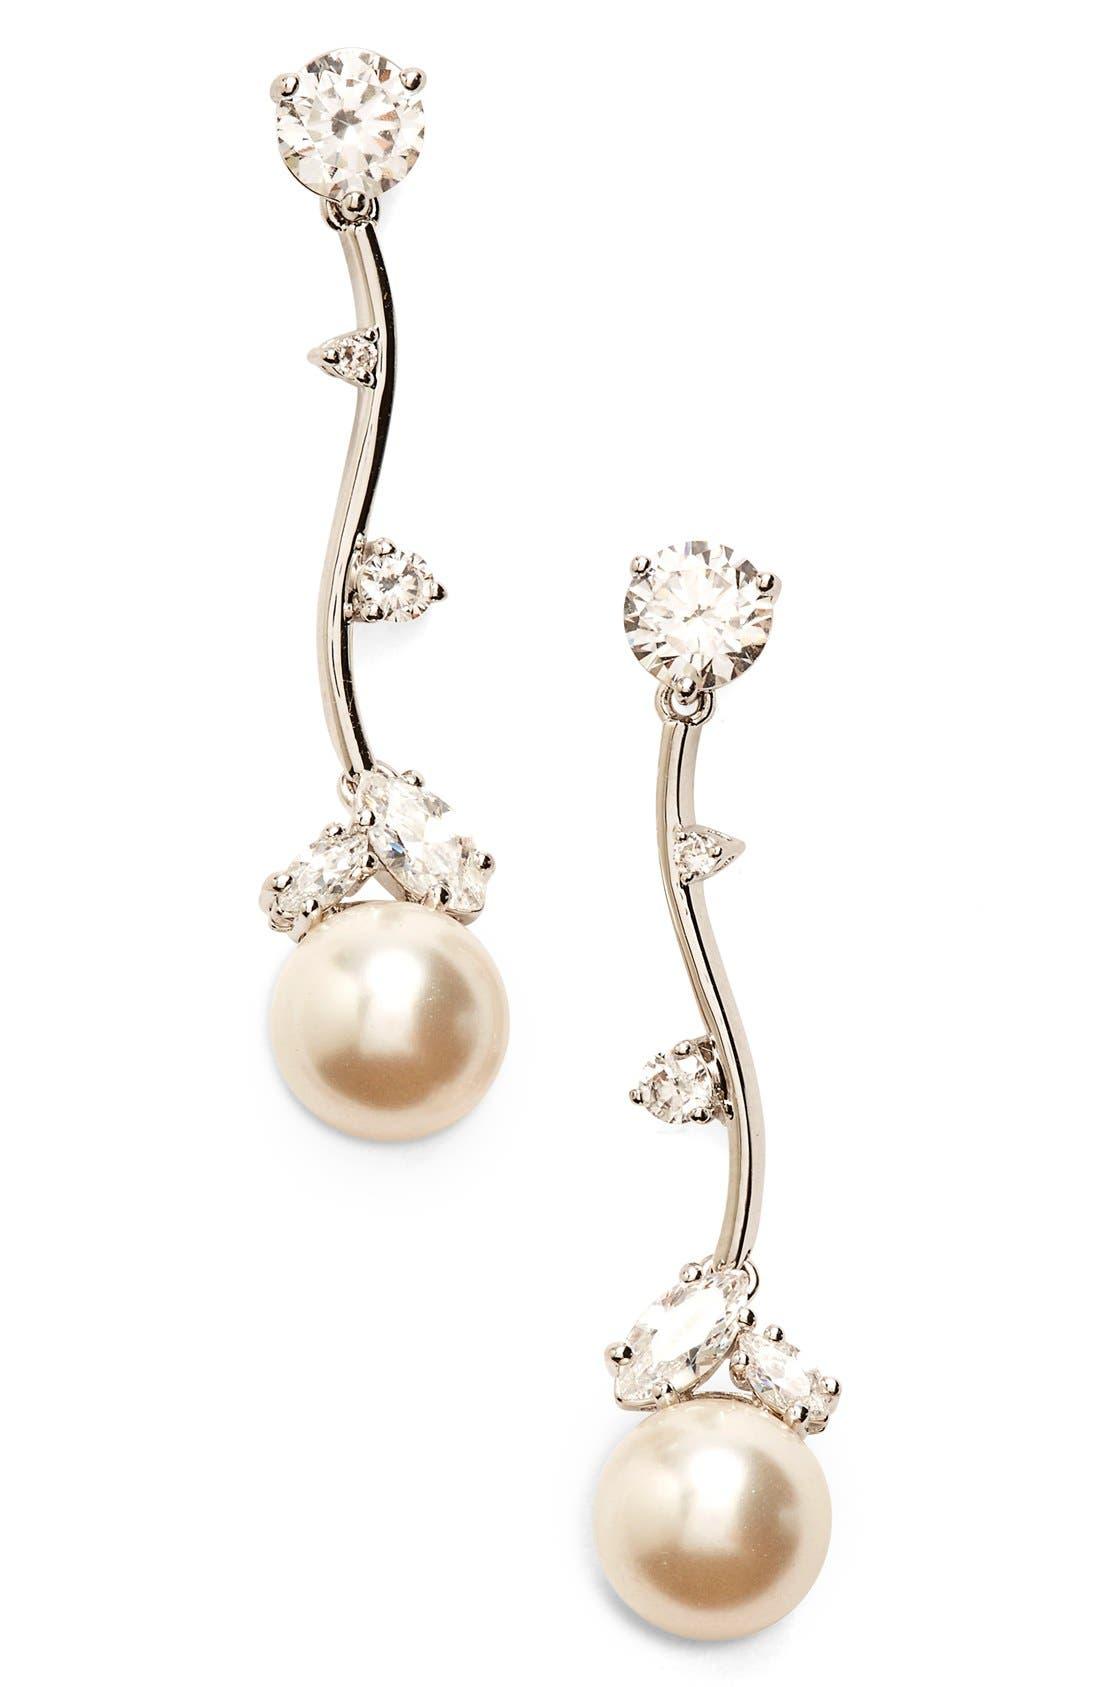 NADRI, Imitation Pearl Linear Drop Earrings, Main thumbnail 1, color, 900